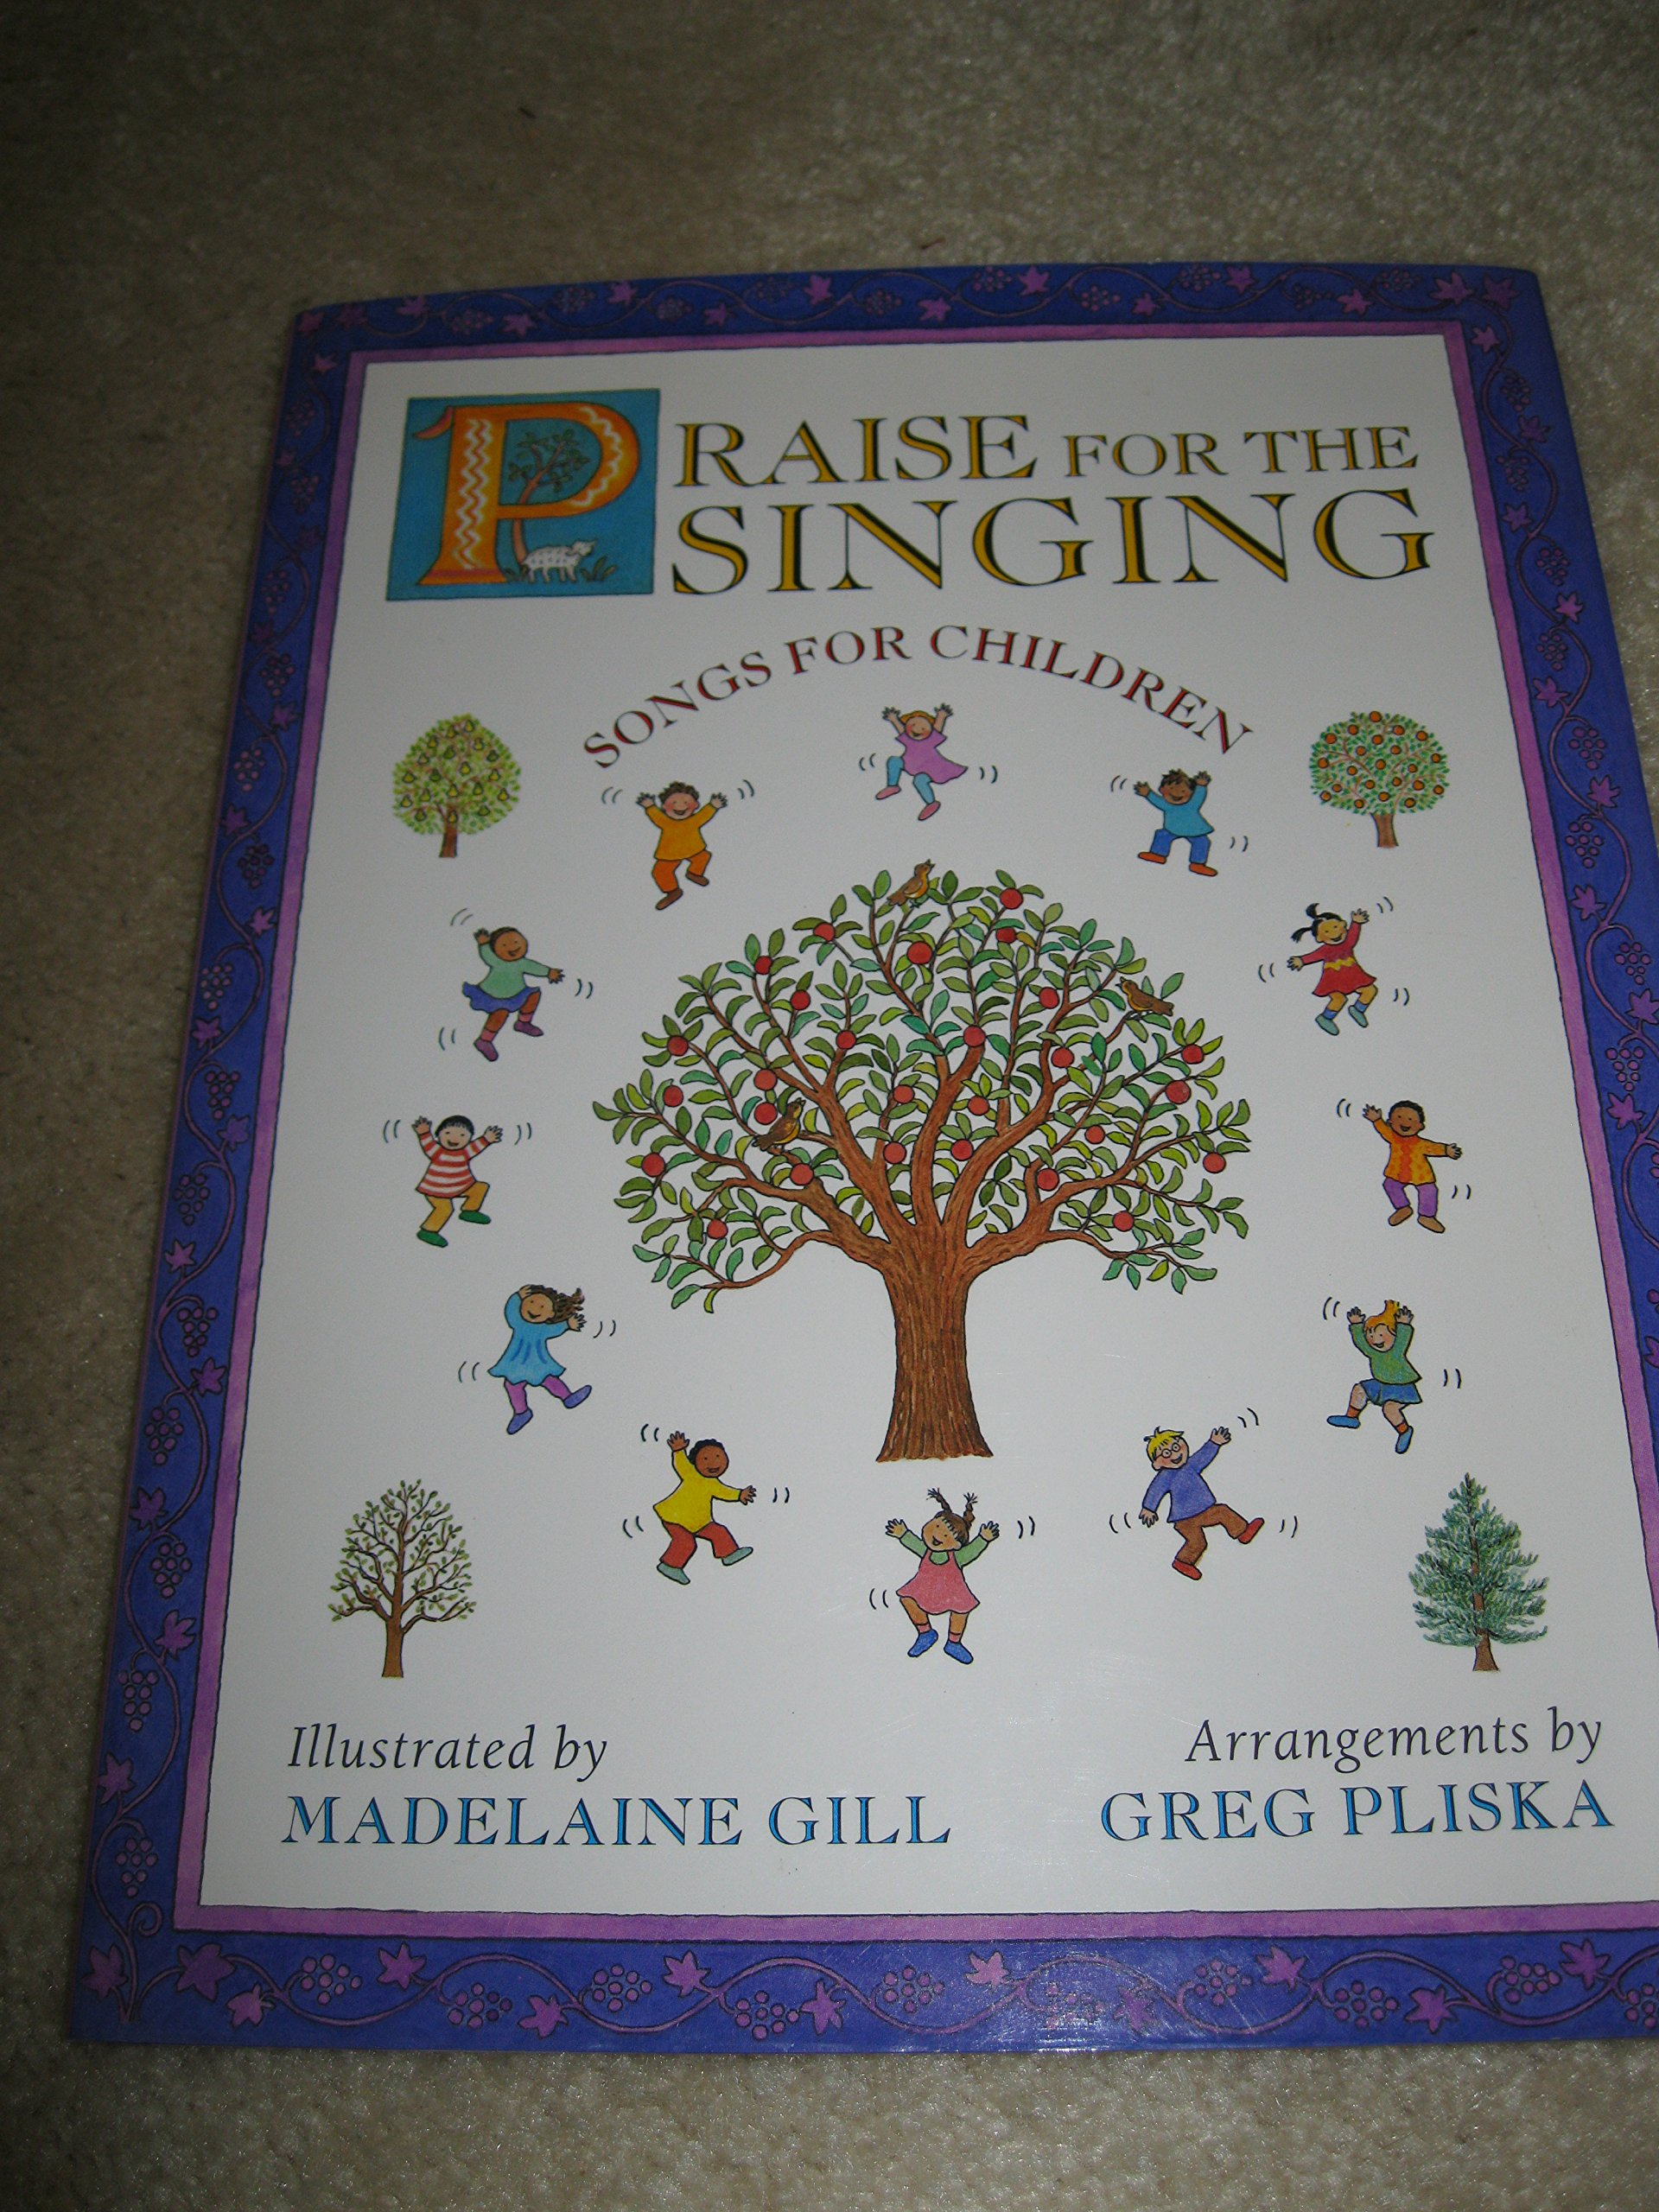 praise-for-the-singing-songs-for-children